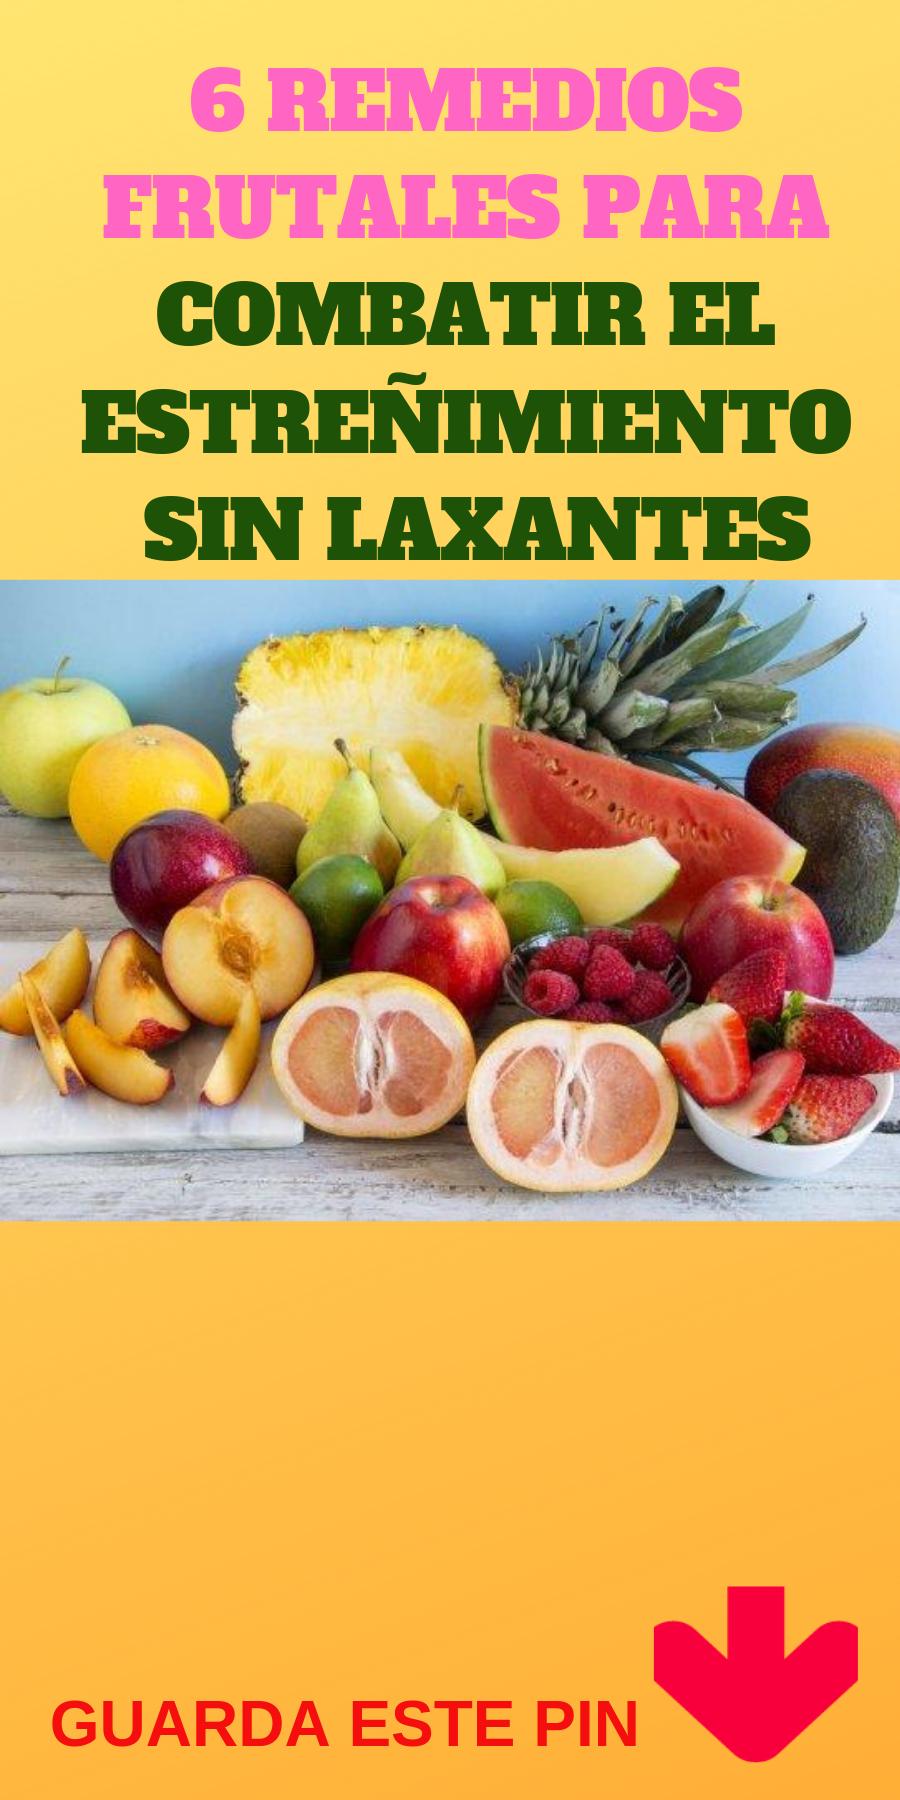 6 Remedios Frutales Para Combatir El Estreñimiento Sin Laxantes Todos Sobre La Salud Dieta Frutas Y Verduras Alimentos Saludables Laxantes